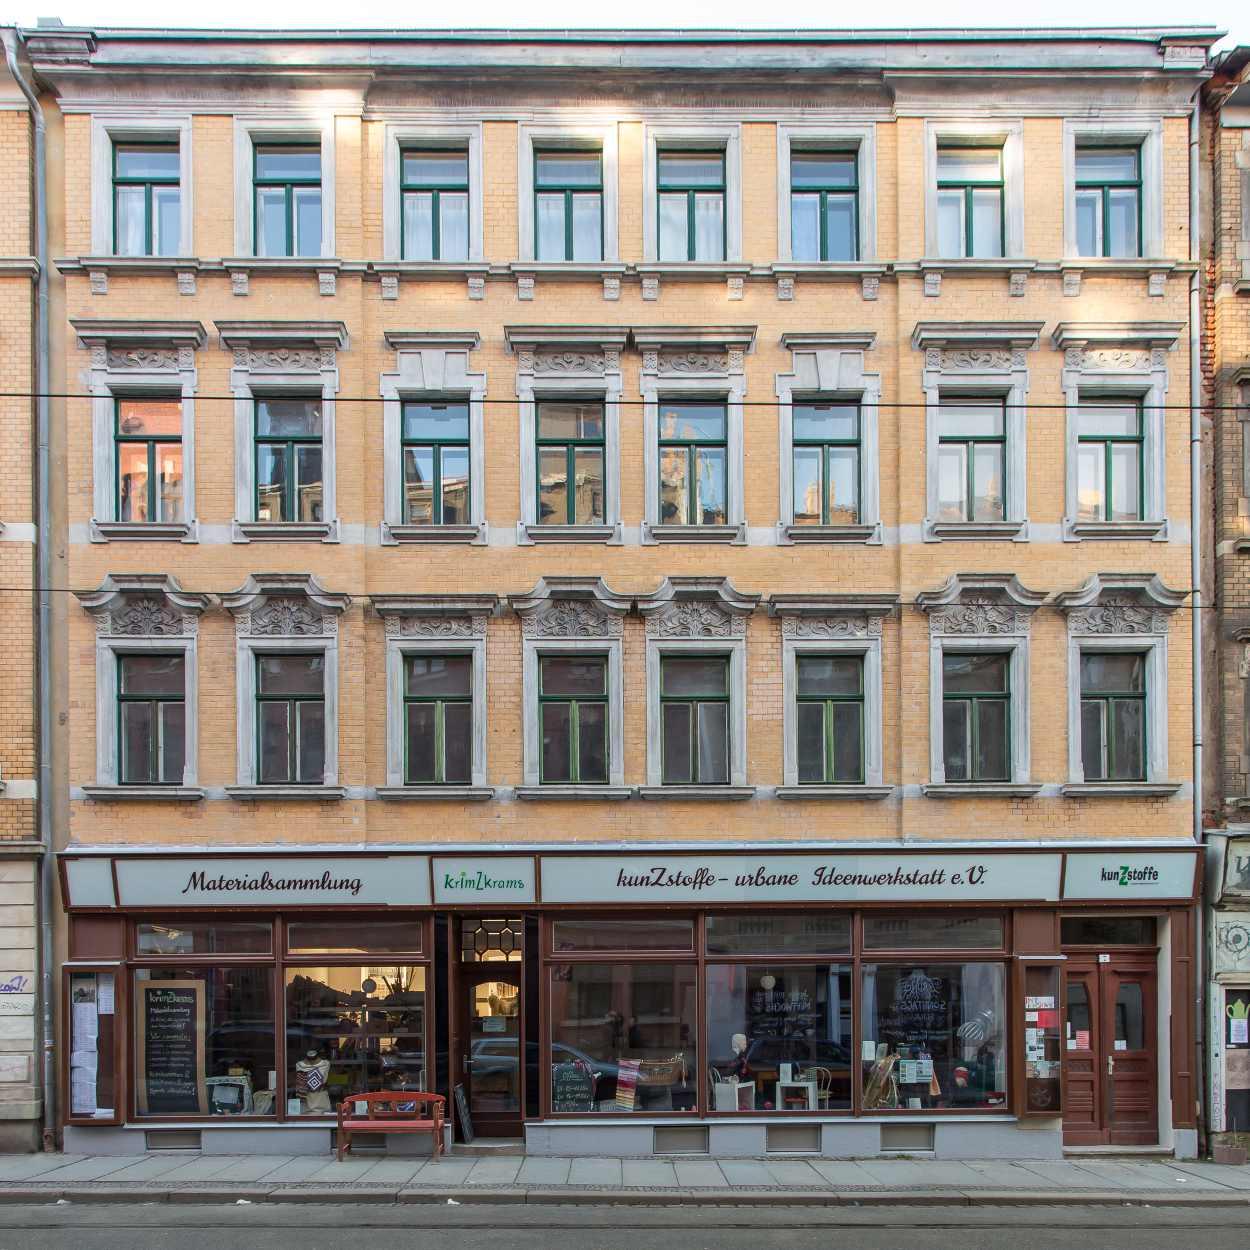 Der Eingang des Vereinsgebäudes von Kunzstoffe auf der Georg-Schwarz-Strasse in Leipzig Lindenau.